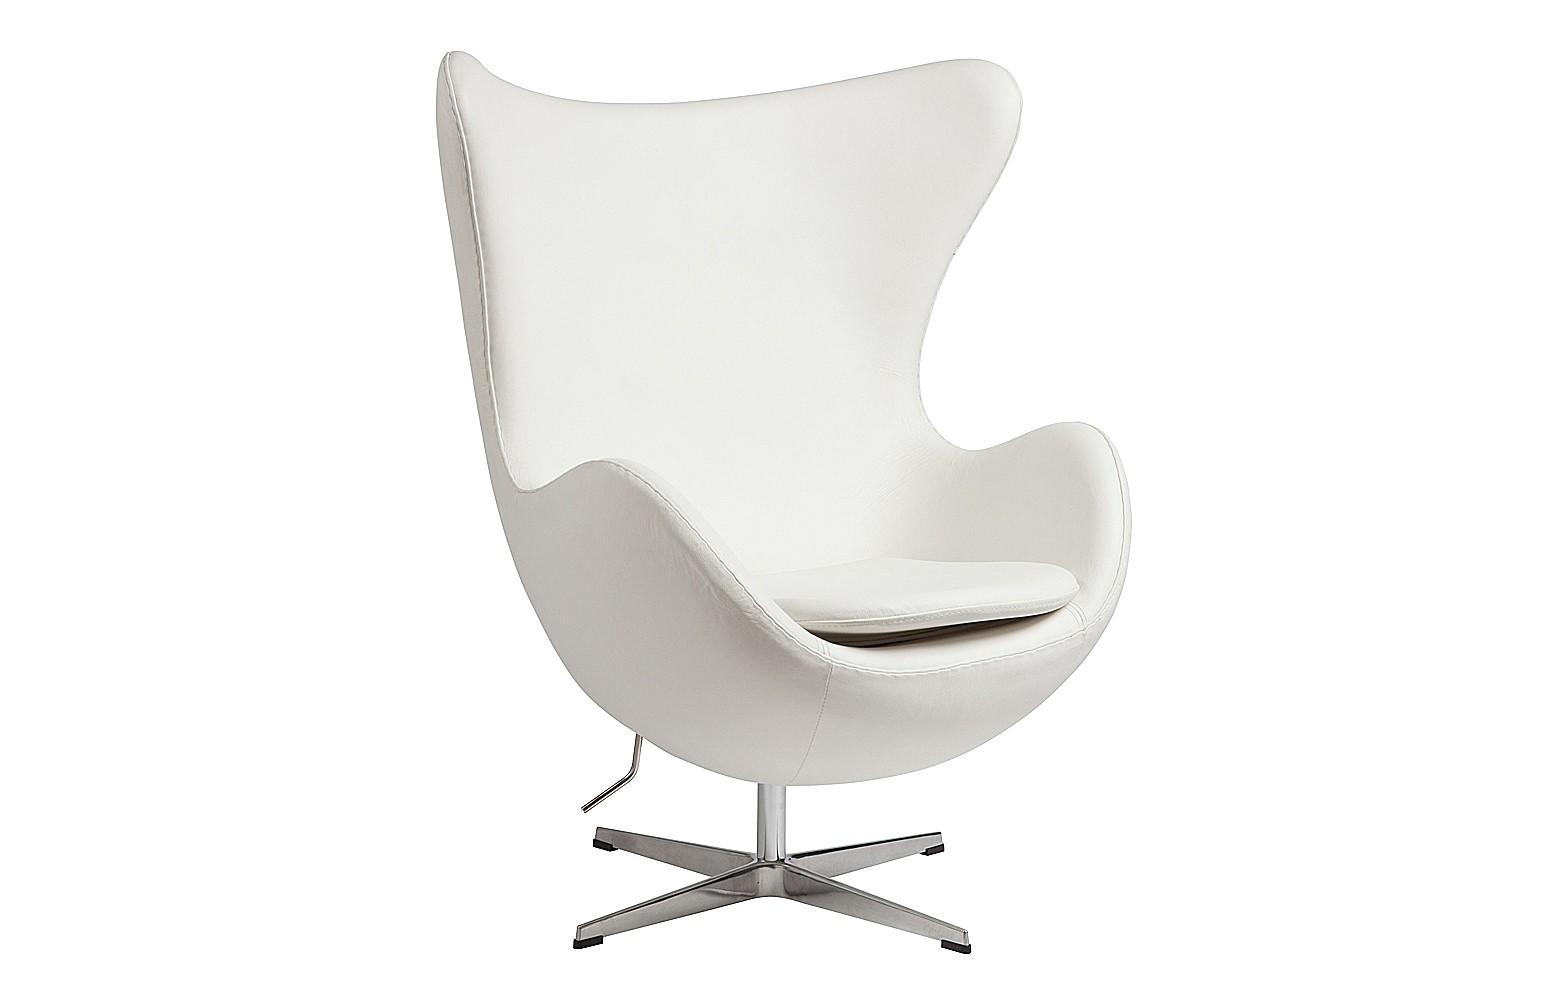 Кресло Egg ChairИнтерьерные кресла<br>Кресло Egg Chair (Яйцо) было создано в 1958 году датским дизайнером Арне Якобсеном специально для интерьеров отеля Radisson SAS в Копенгагене. Кресло обладает исключительной привлекательностью и узнаваемостью во всем мире, занимает особое место в ряду культовой дизайнерской мебели XX века. Оно имеет экстравагантную форму и неординарное исполнение, что позволило ему стать совершенным воплощением классики нового времени. Кресло Egg Chair, выполненное в форме яйца, подарит огромное множество положительных эмоций и заставляет обращать на него внимание. Оно непременно задаёт основу для дизайна того или иного помещения. Прочный каркас из стекловолокна, обтянутый натуральной кожей класса Премиум белого цвета, закрепленный на ножке из нержавеющей стали, гарантирует долгий срок службы и устойчивость. Купите великолепную реплику кресла Egg Chair — изготовленное из высококачественных материалов, оно понравится многим любителям нестандартного видения обыденных и, притом, качественных вещей.<br><br>Material: Кожа<br>Width см: 82<br>Depth см: 76<br>Height см: 105